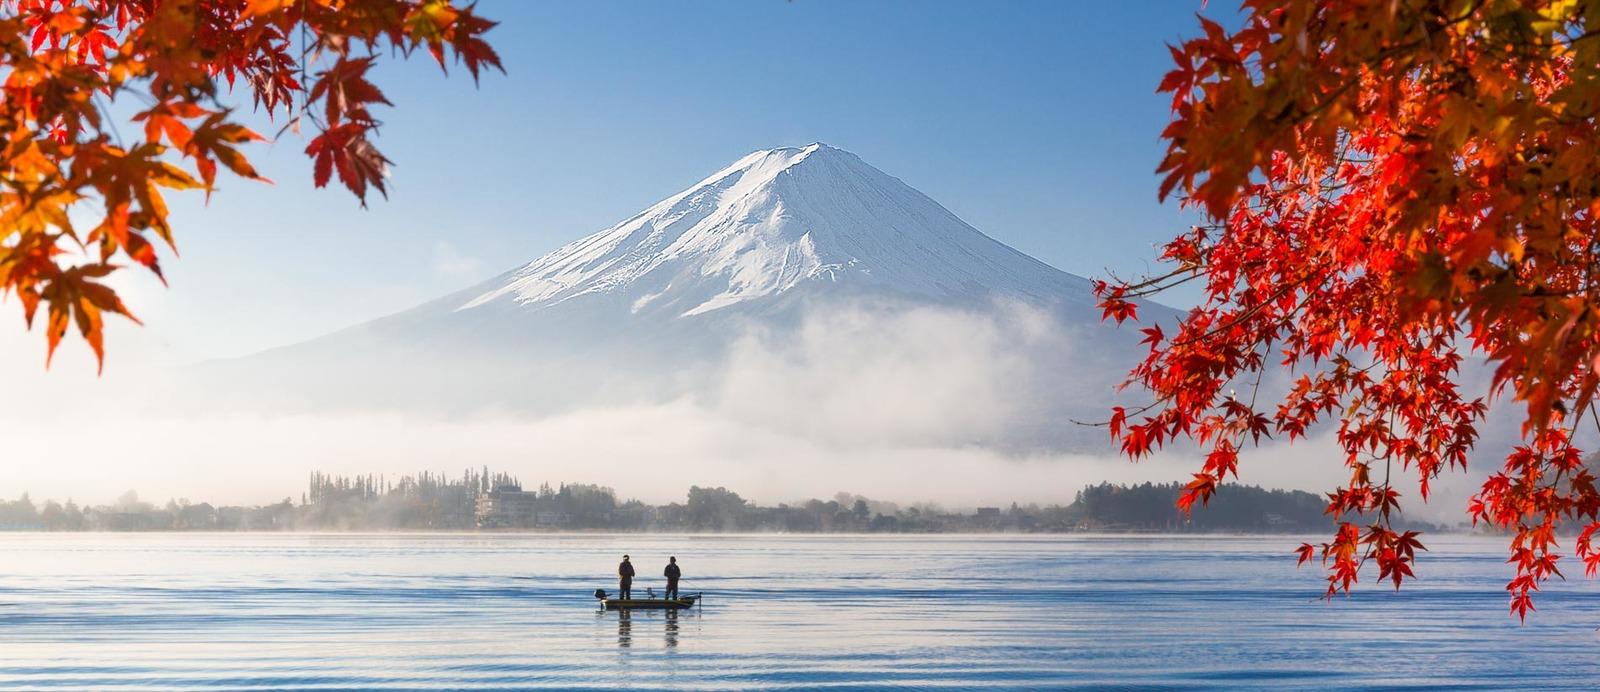 Получение визы в Японию самостоятельно